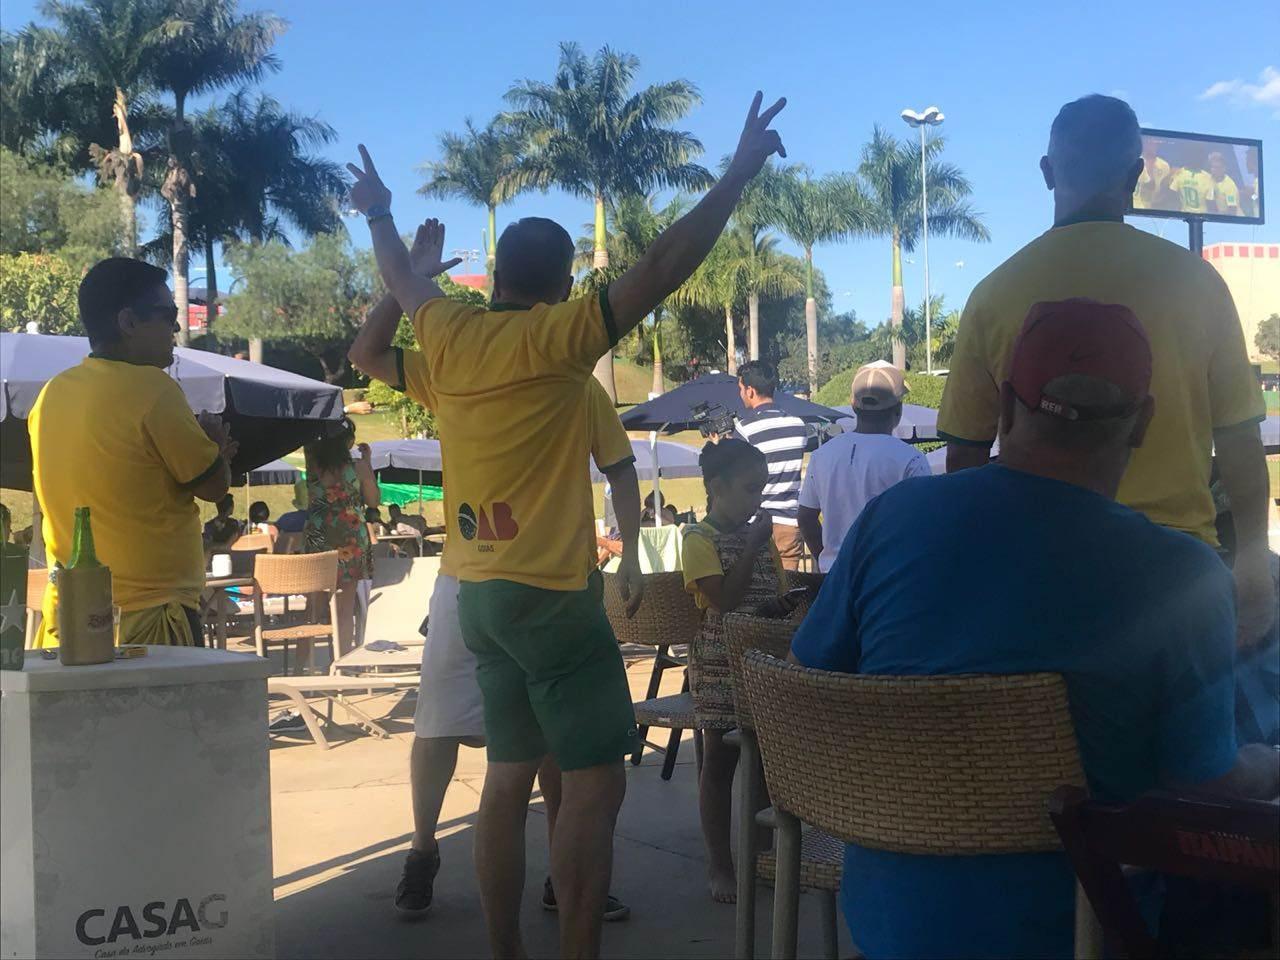 Clube CEL da OAB terá cerveja pela metade do preço durante jogo do Brasil   Foto: Divulgação